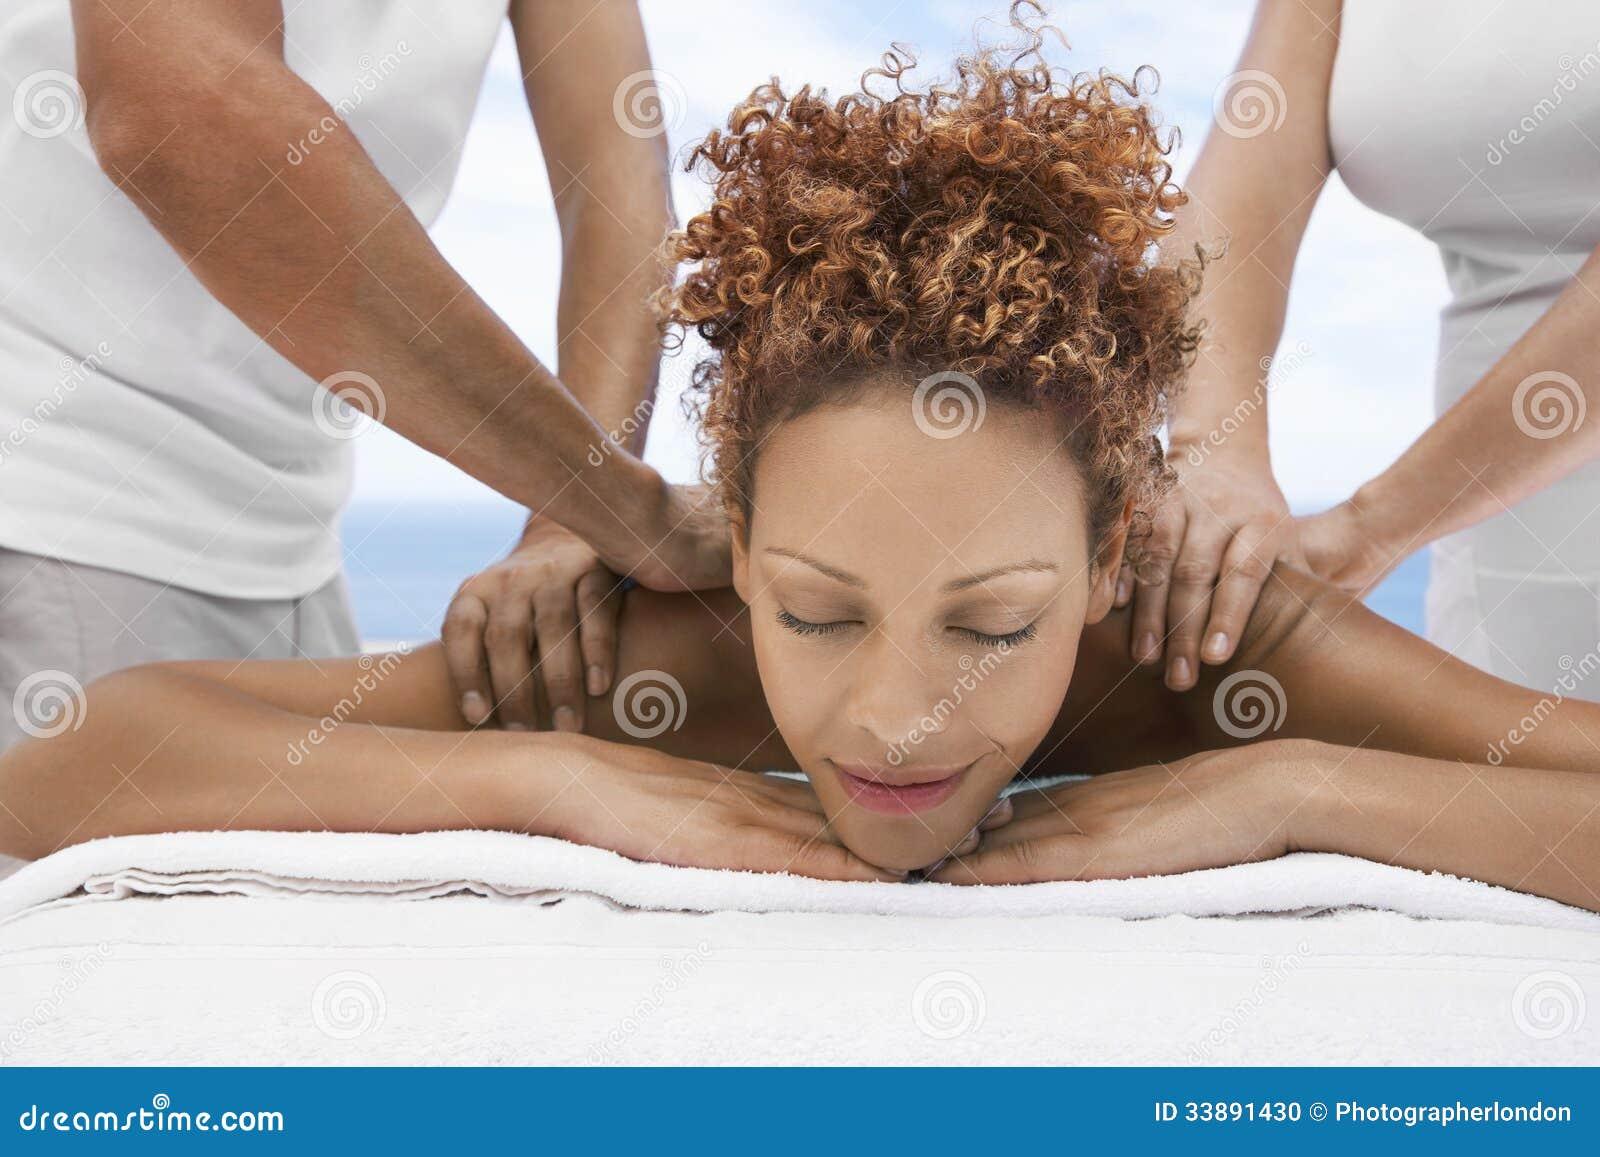 happy hour stockholm erotisk massage gävle